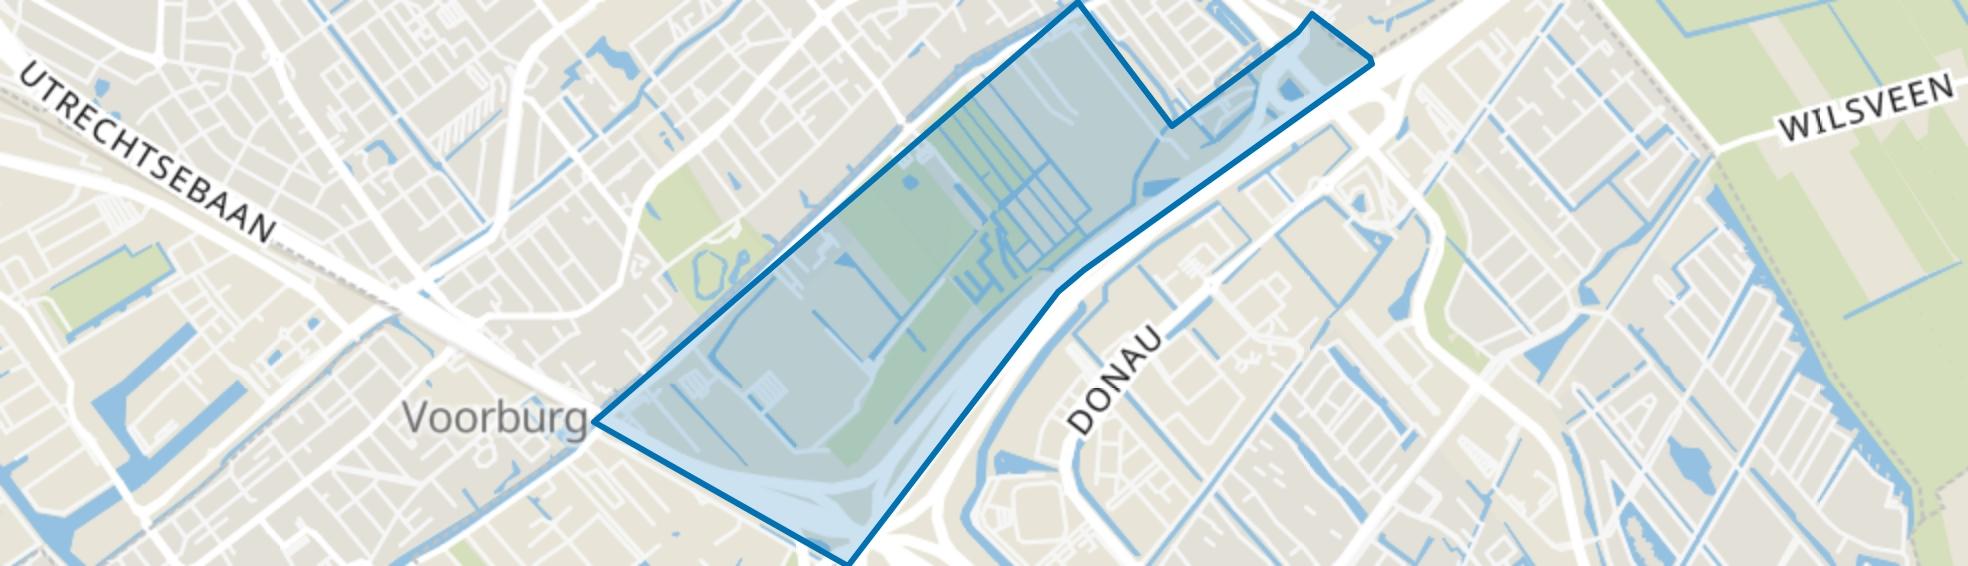 Vlietzoom-Oost, Den Haag map